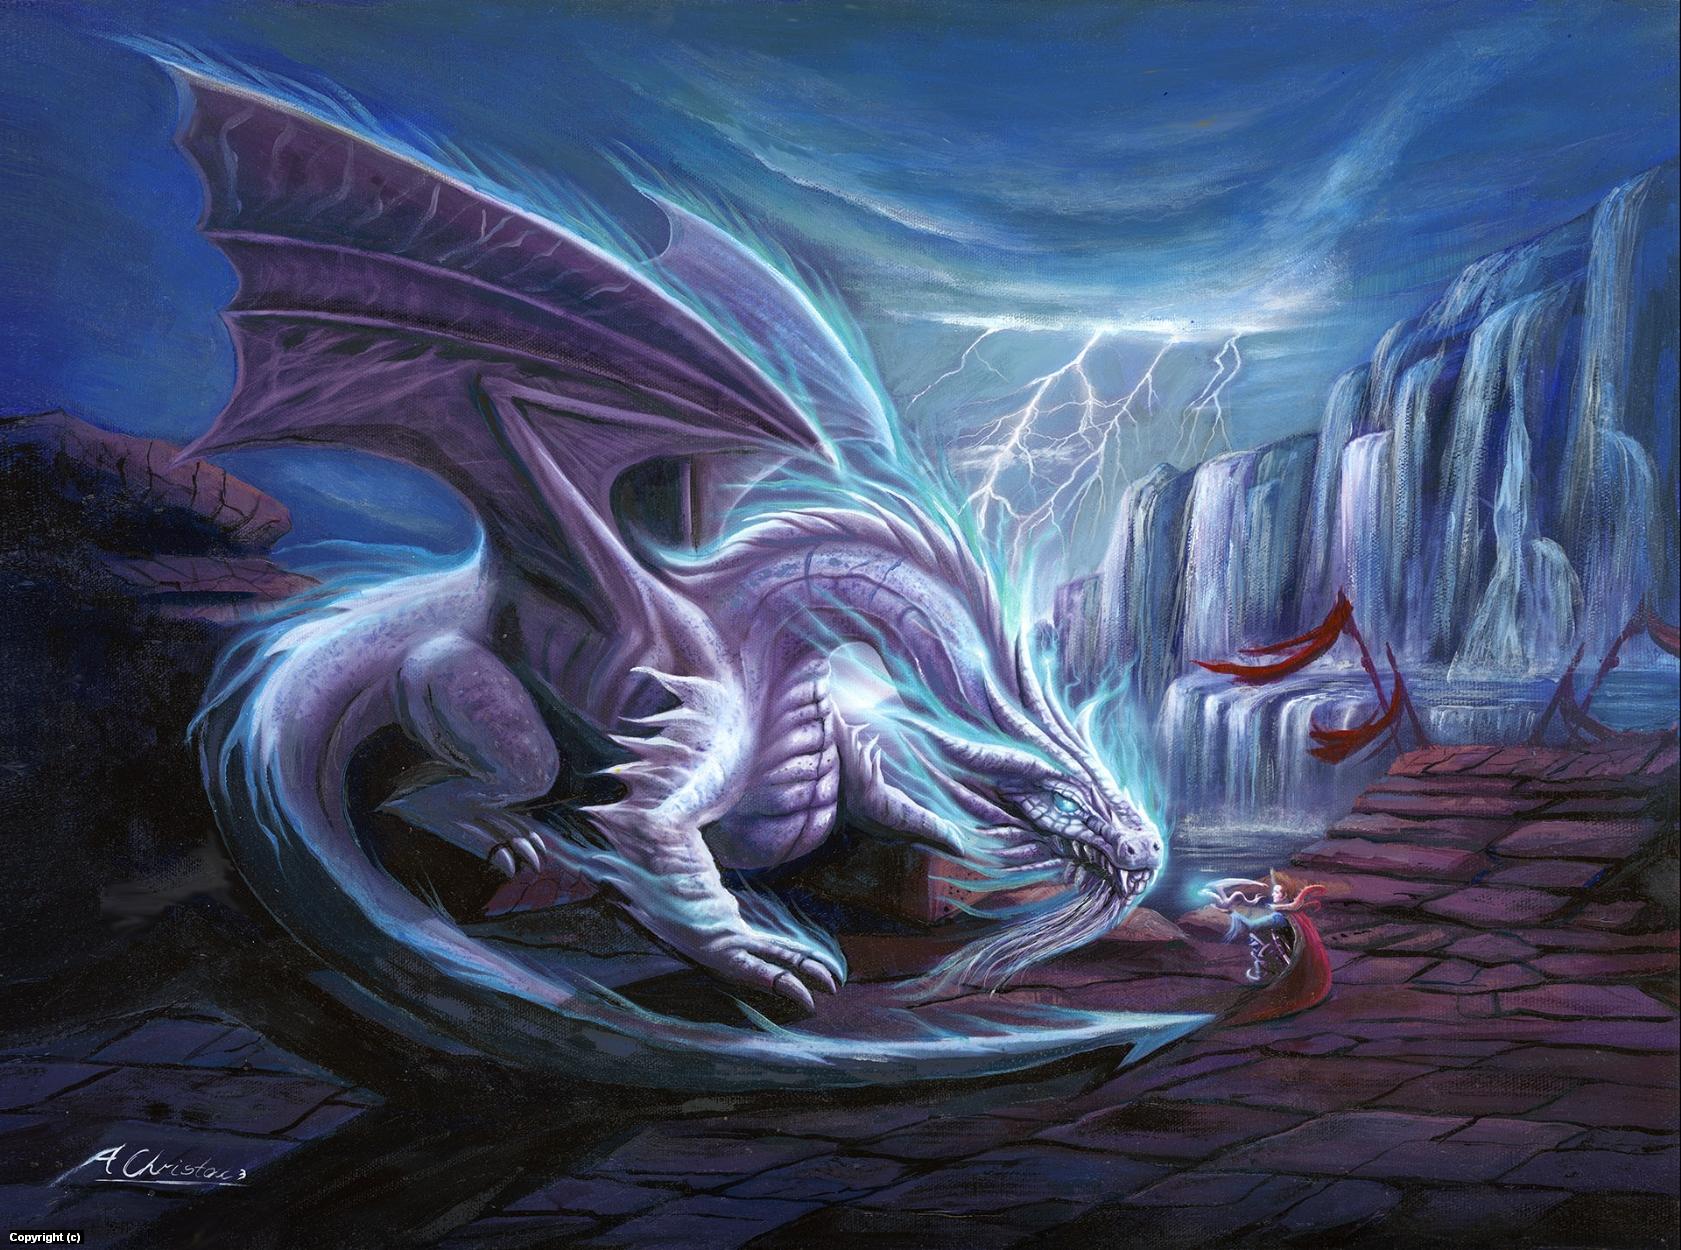 White Lighting Dragon Reshepia Artwork by Anthony Christou